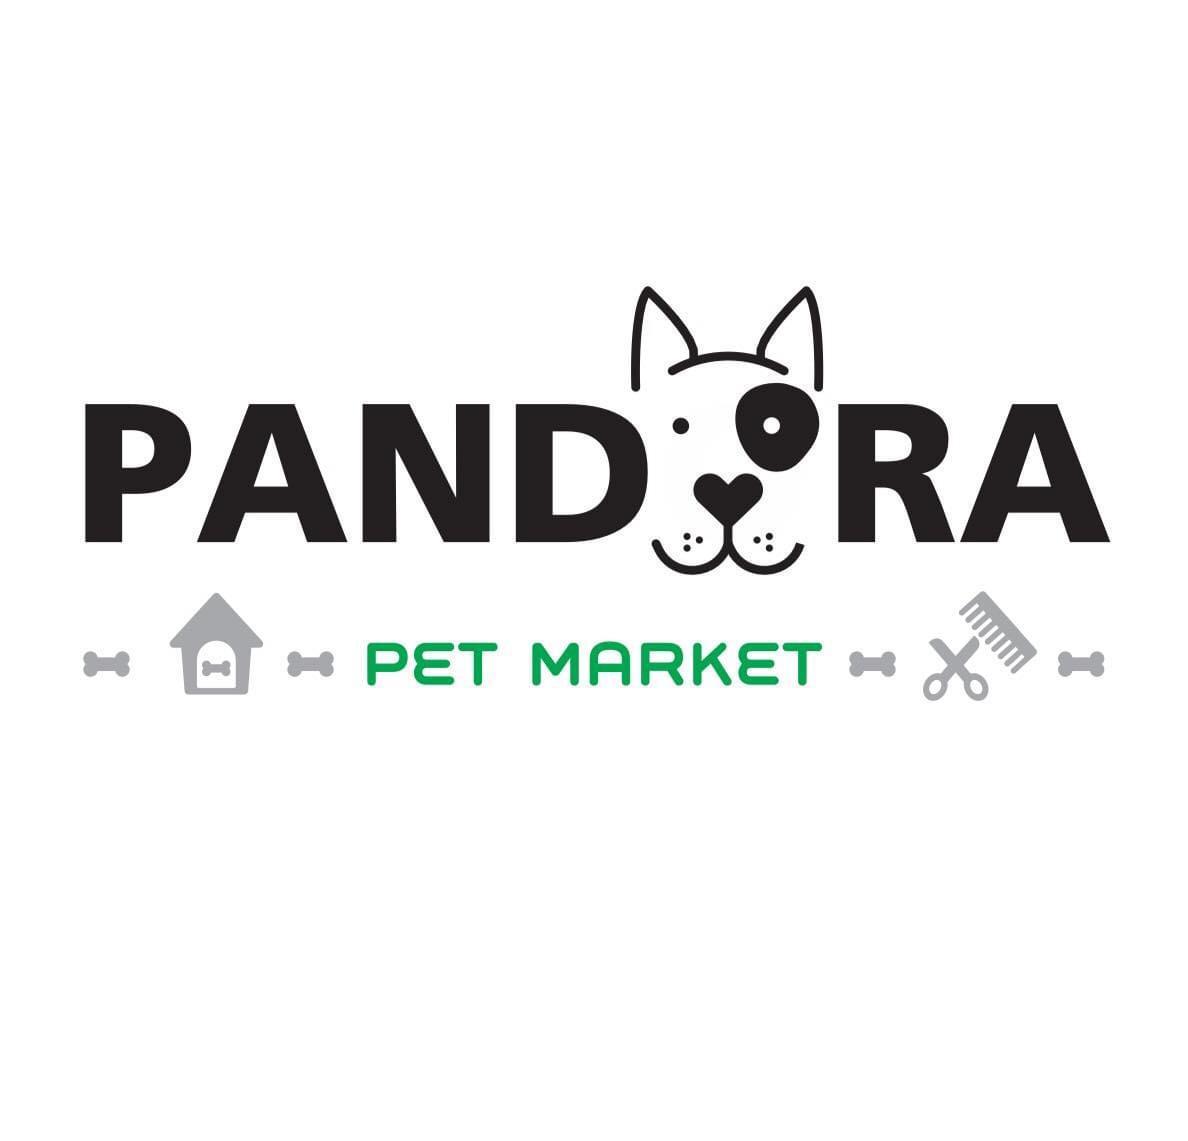 Pandora Pet Market